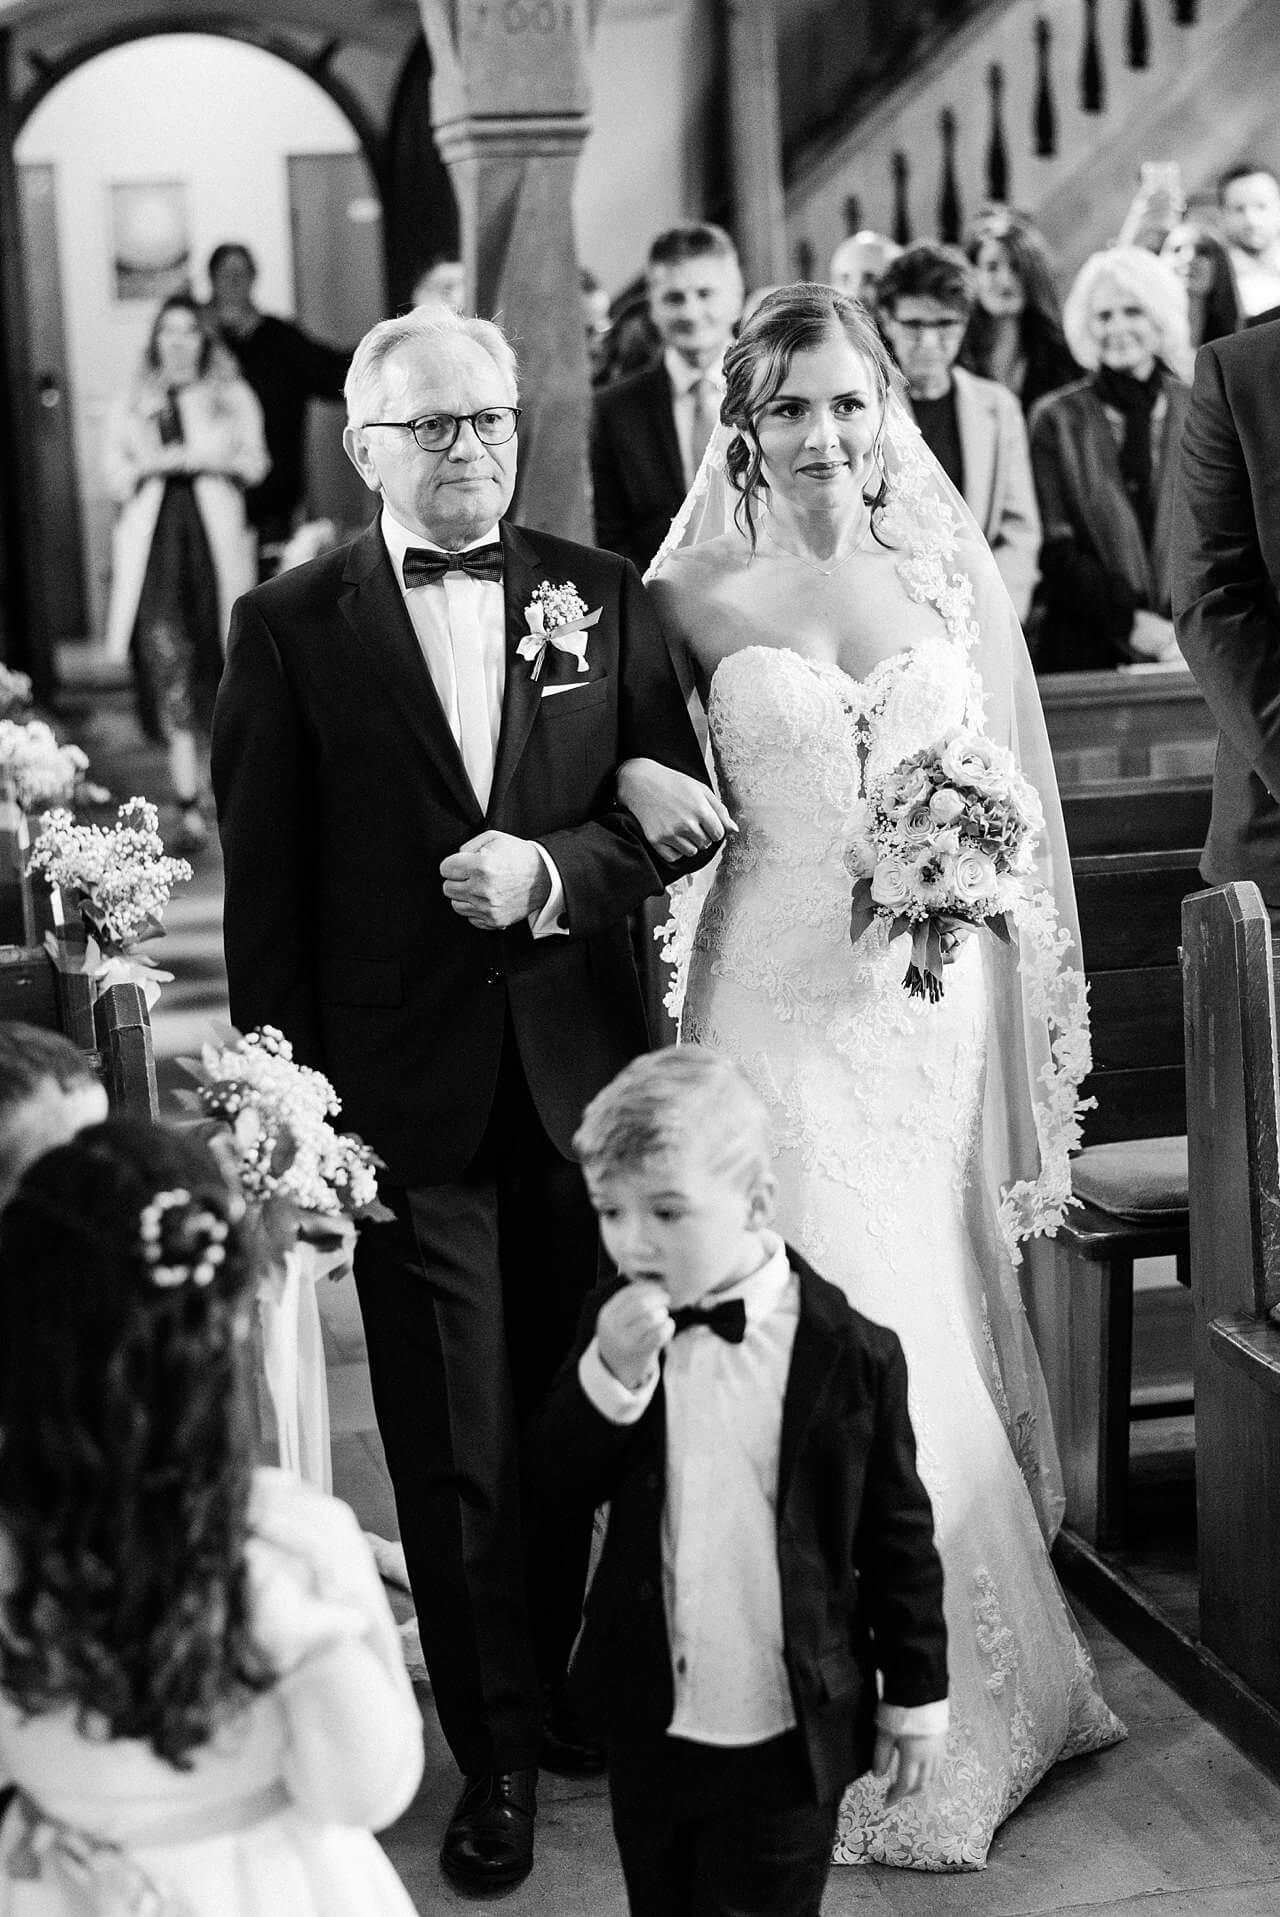 Rebecca Conte Fotografie: Griechisch-deutsche Hochzeit Steinbachhof 25